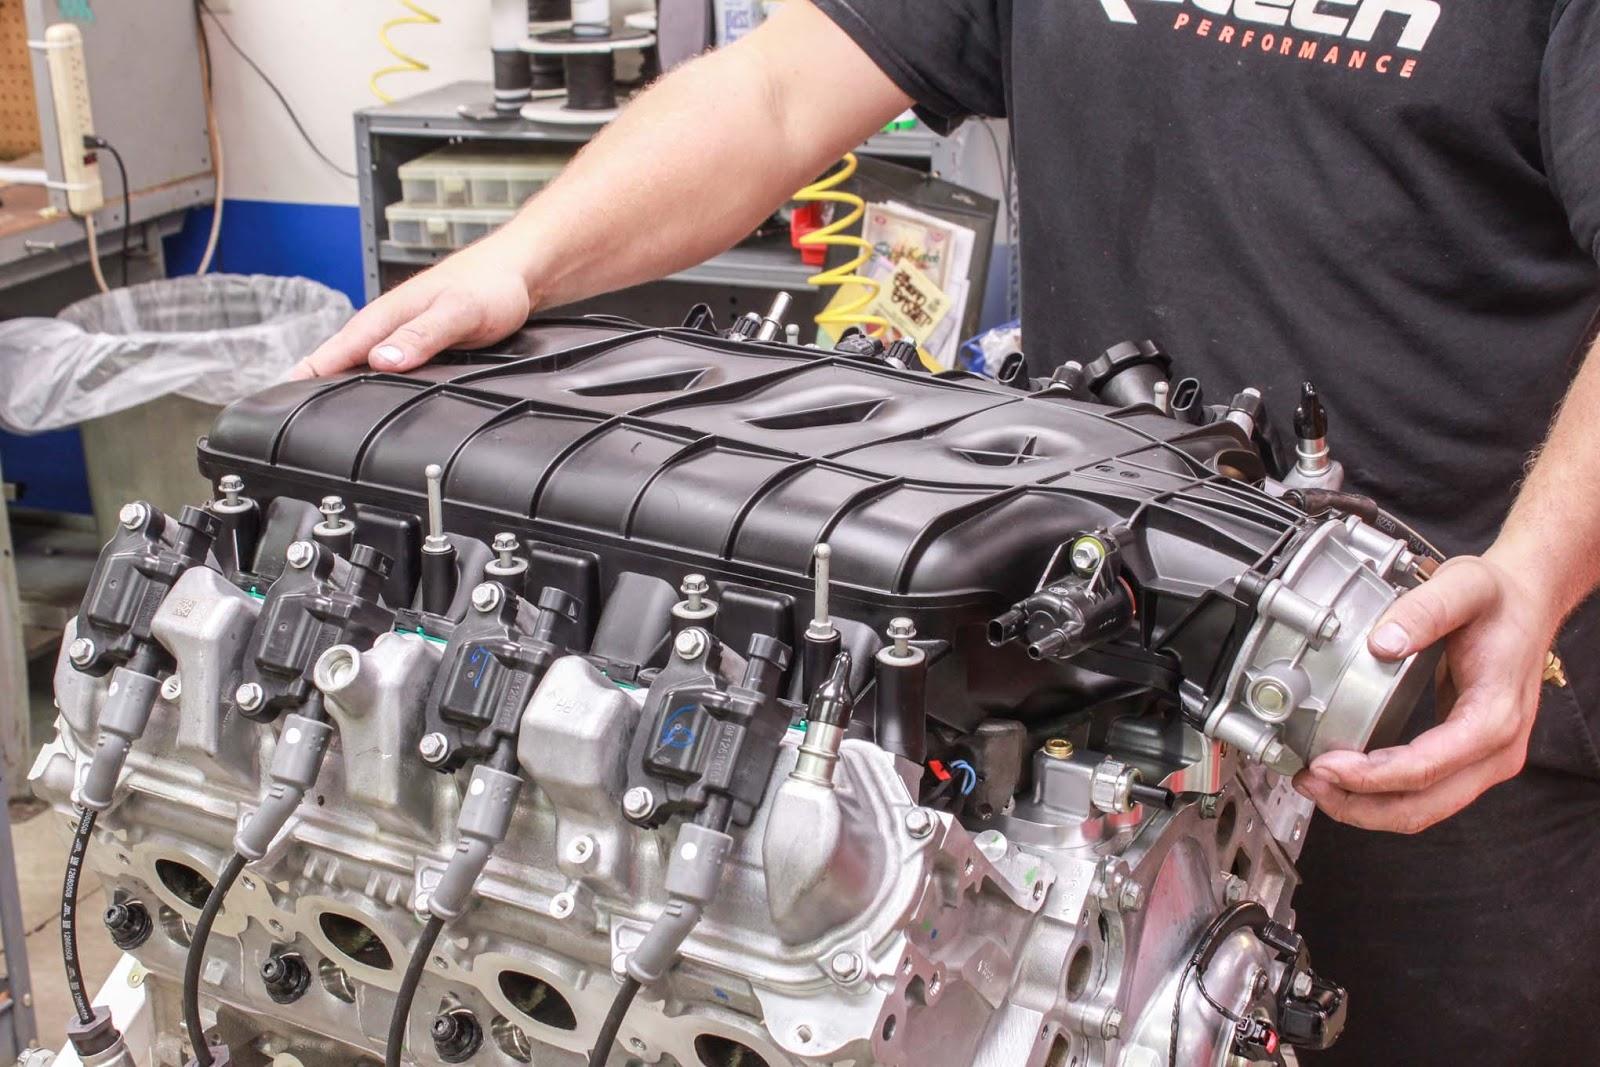 Атмосферный двигатель. описание, технические характеристики :: syl.ru